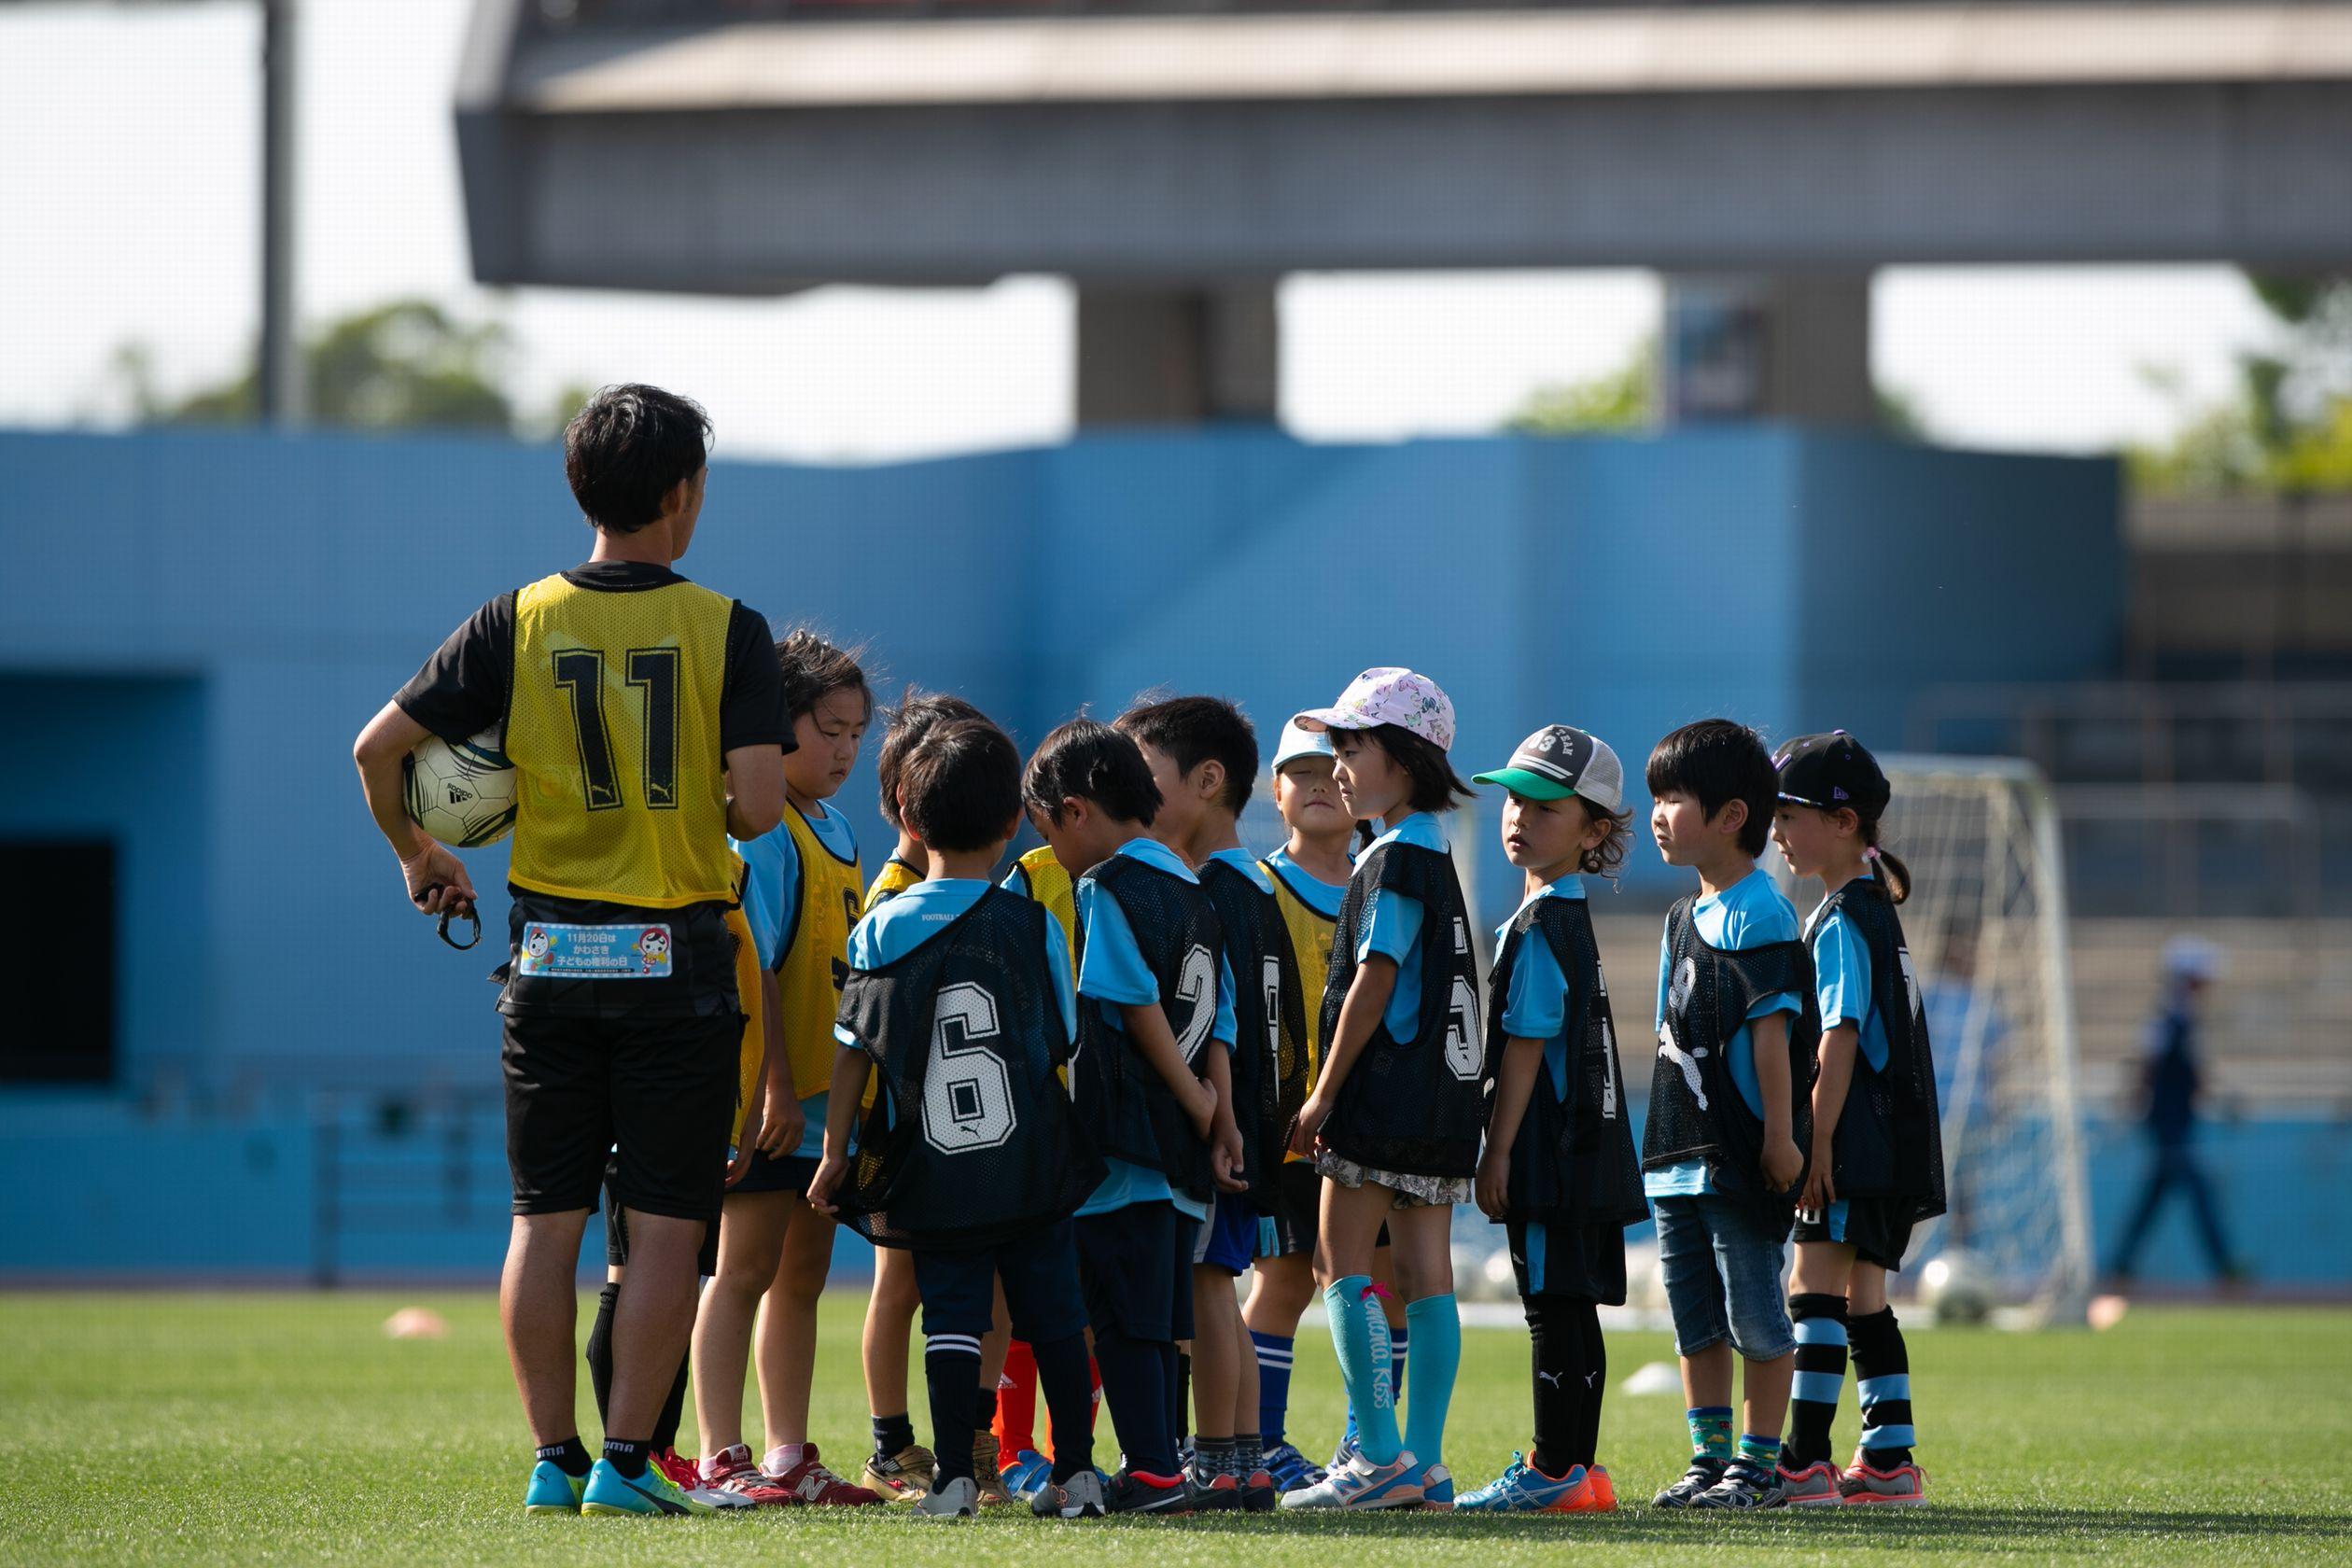 「等々力サッカーフェスタ2019」川崎F普及コーチによるサッカー教室など@等々力競技場【申込5月7日迄】